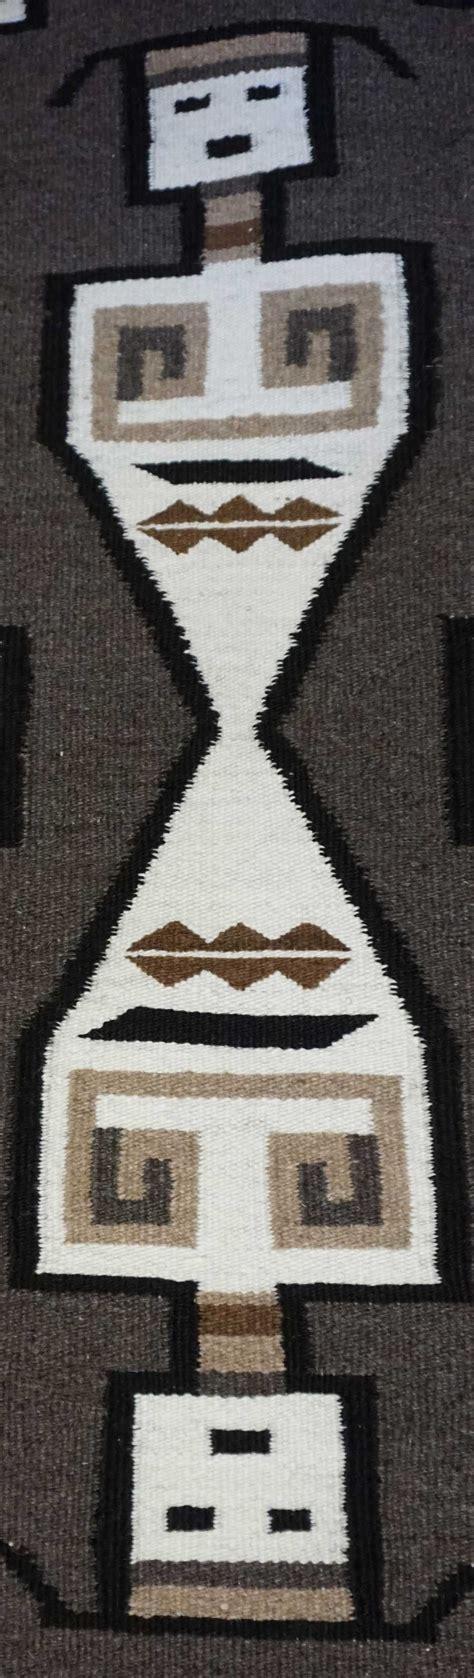 yei rugs yei navajo rug weaving 386 s navajo rugs for sale